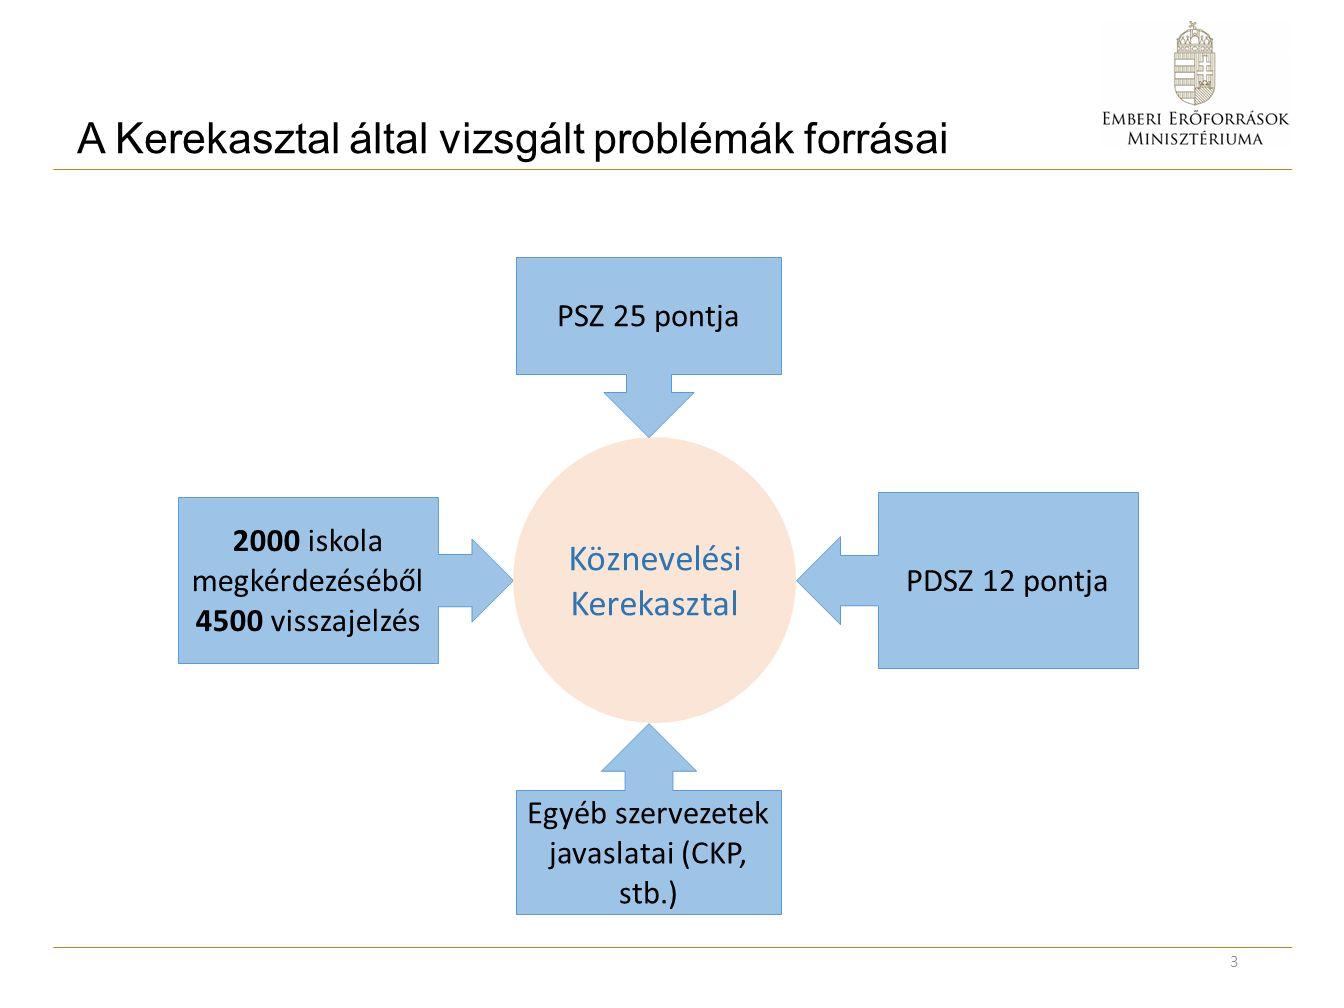 A Kerekasztal által vizsgált problémák forrásai 3 2000 iskola megkérdezéséből 4500 visszajelzés Köznevelési Kerekasztal PSZ 25 pontja PDSZ 12 pontja Egyéb szervezetek javaslatai (CKP, stb.)